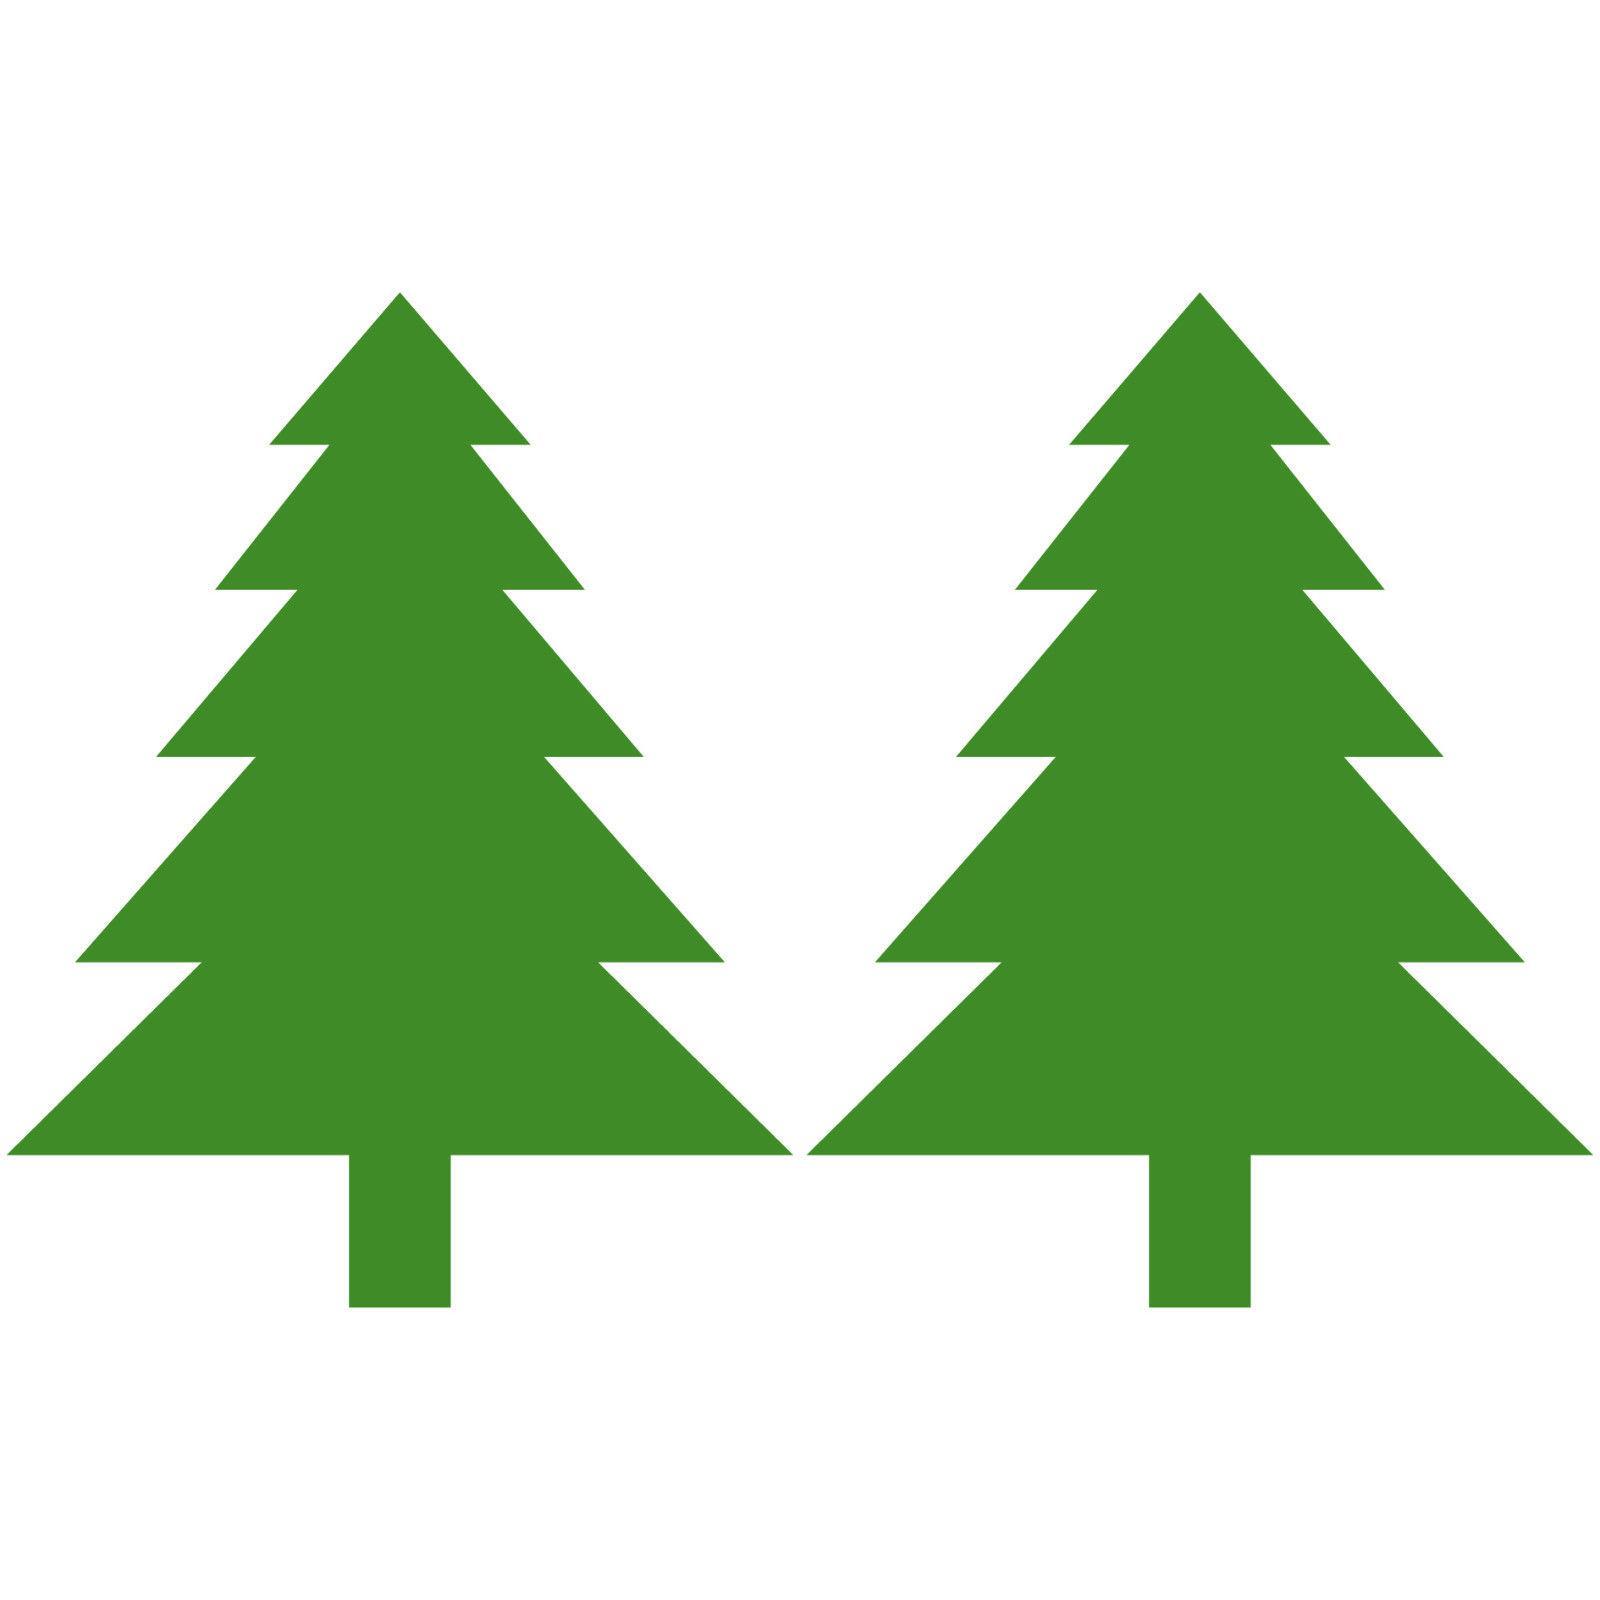 2 Aufkleber 8 5cm Tannenbaum Tanne Baum Weihnachten